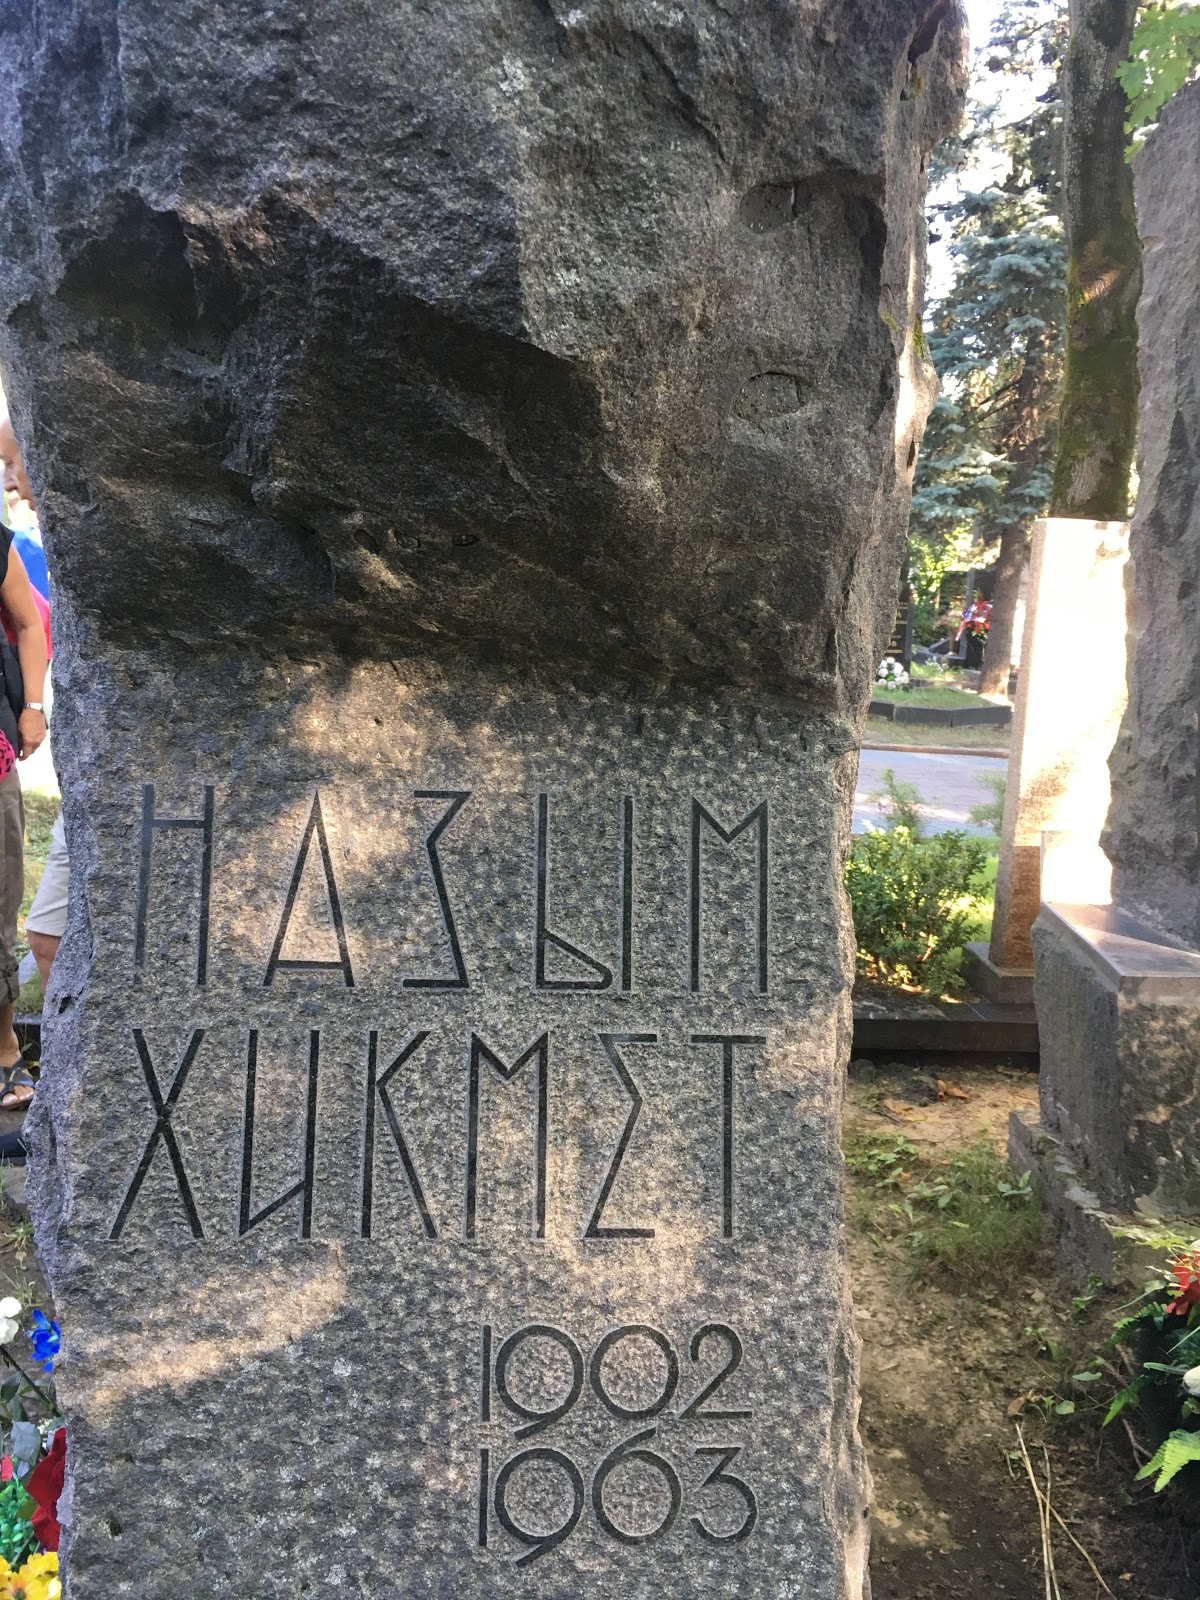 4600 Yıllık zengin kadının mezarı şok etti 48